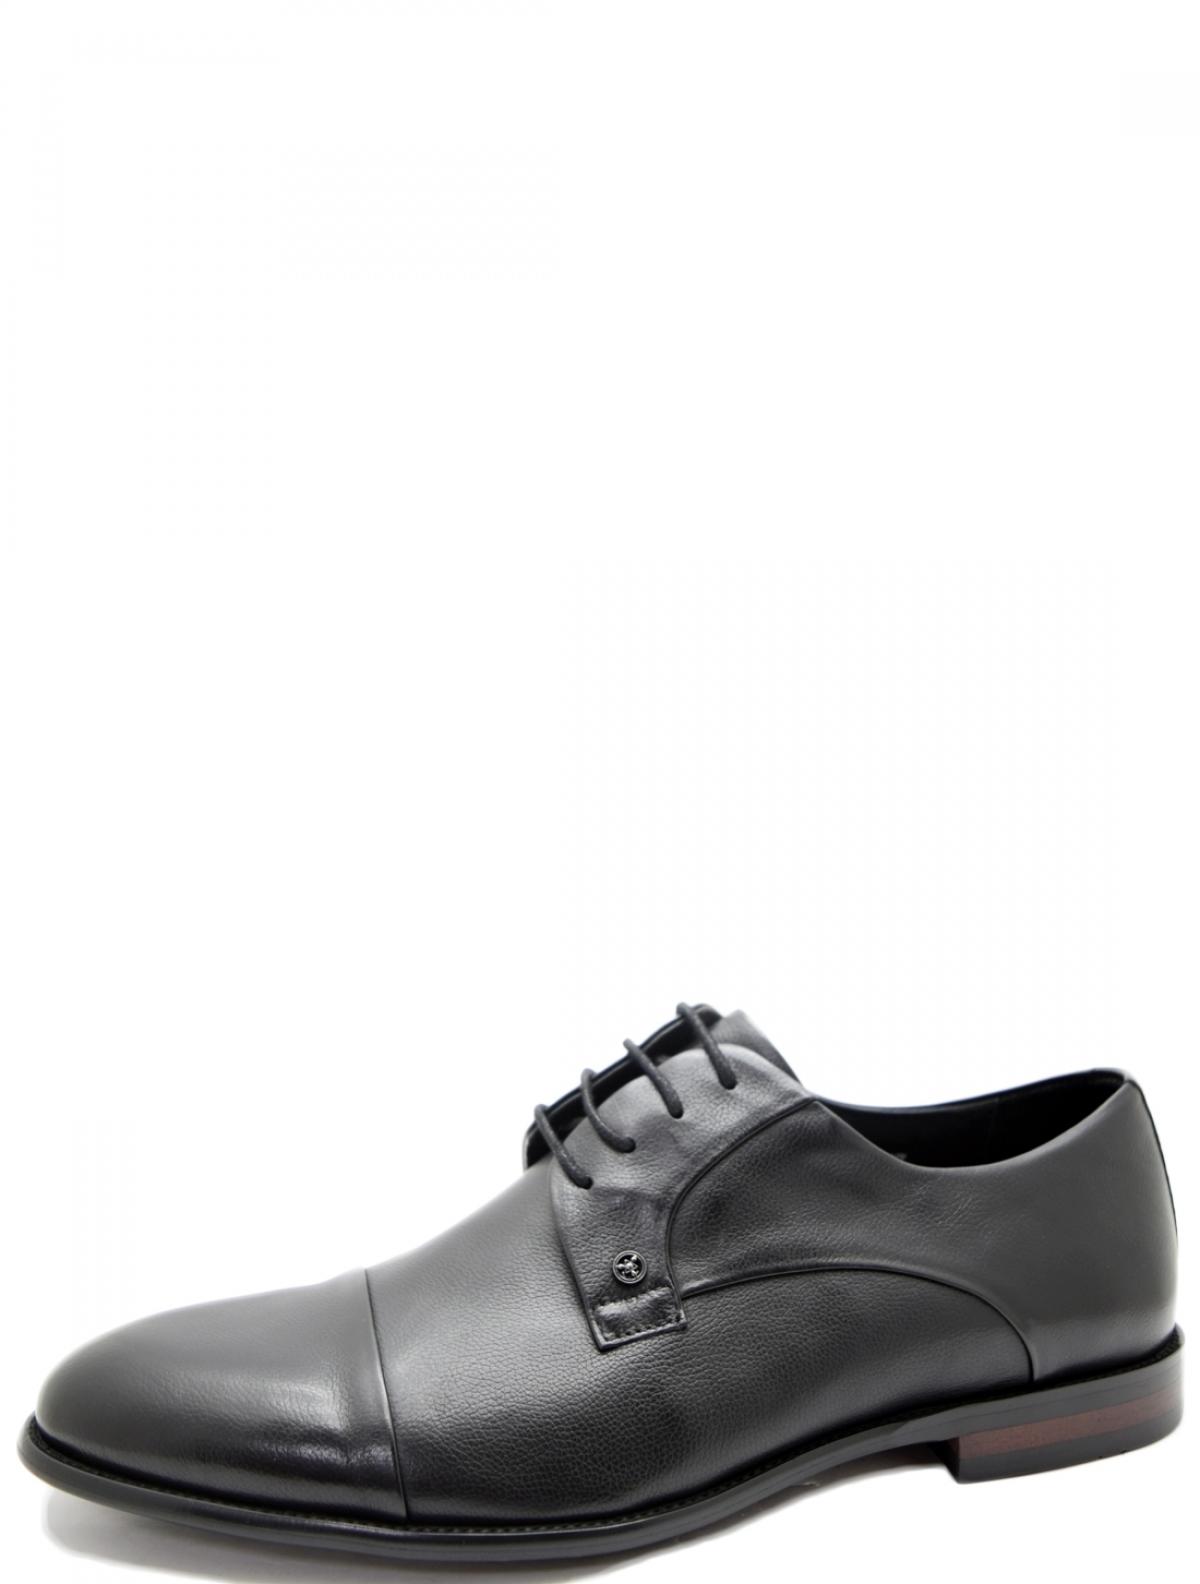 Roscote A0060-203-587-T3184 мужские туфли